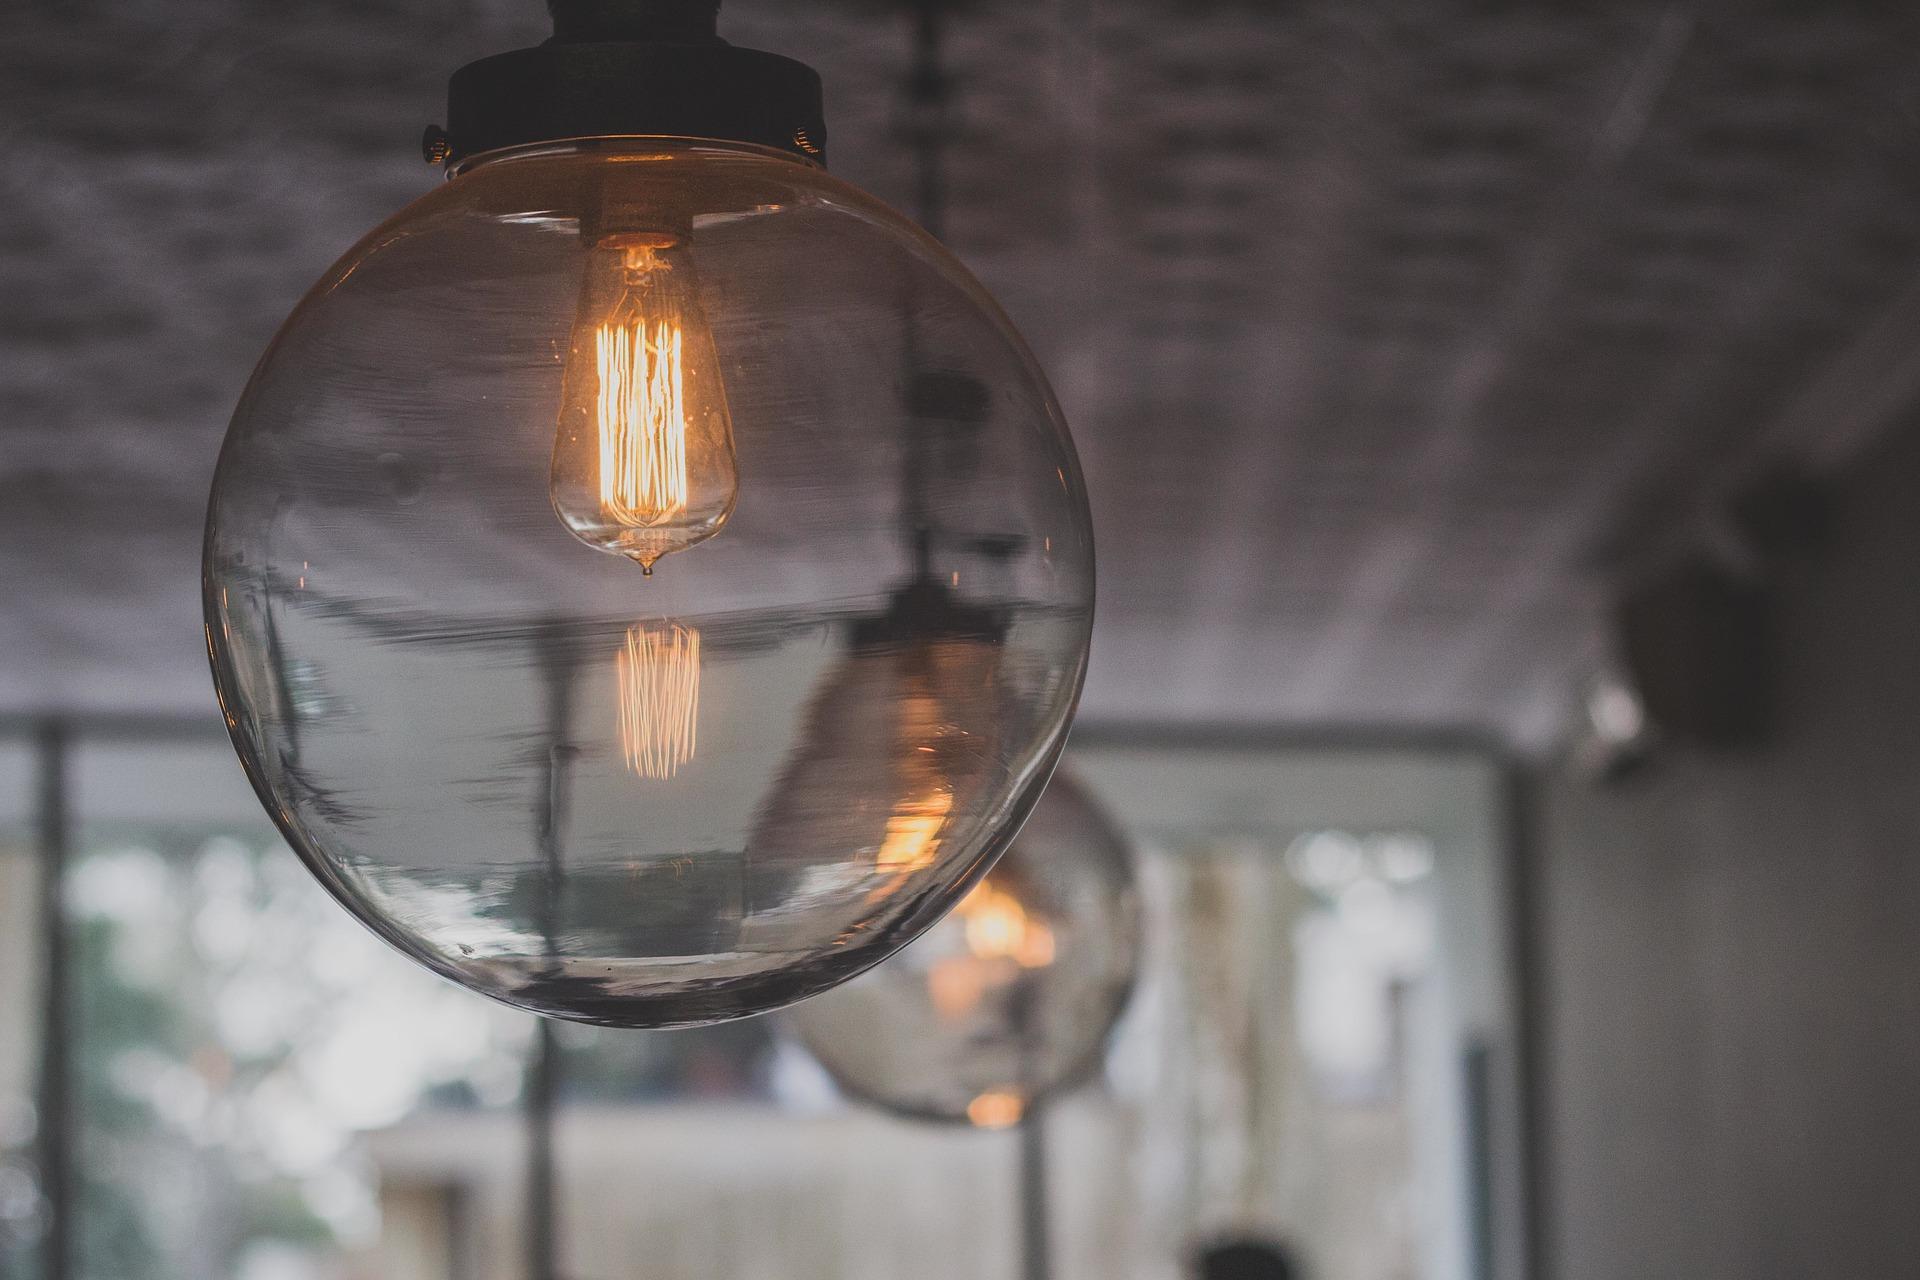 Où trouver de beaux luminaires pour sa décoration ?